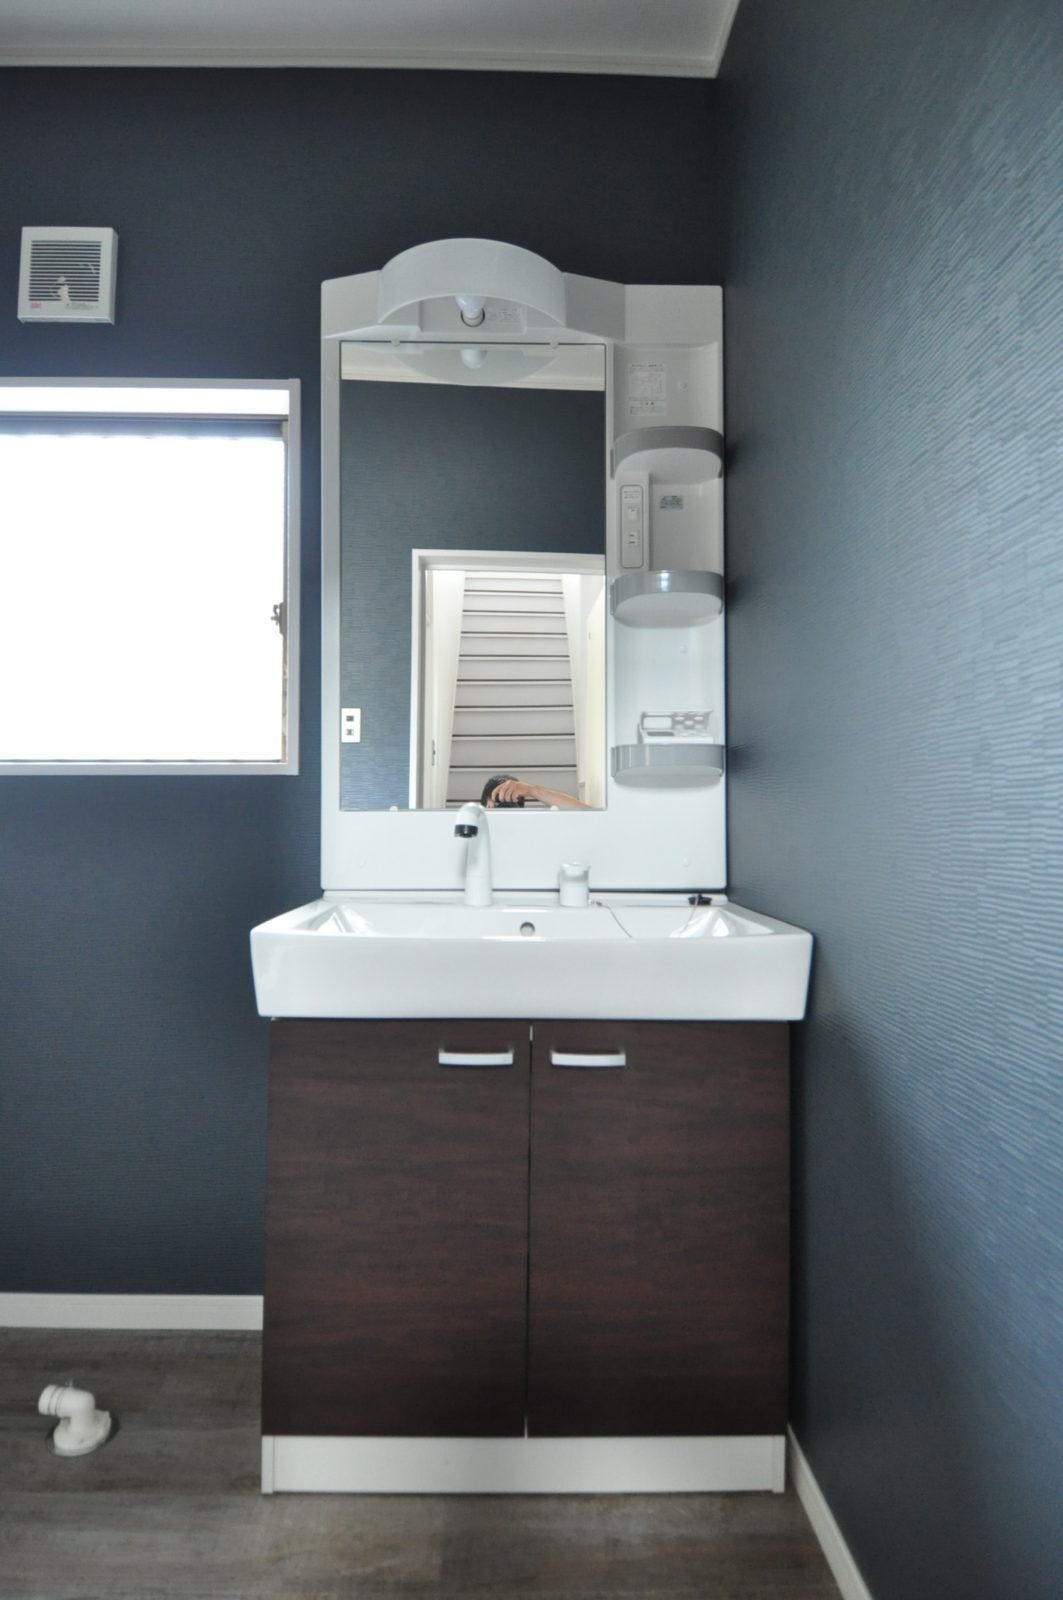 【洗面所】壁紙、床をフロアタイルに変え、洗面台、洗濯機パンを新品に取り換えました。